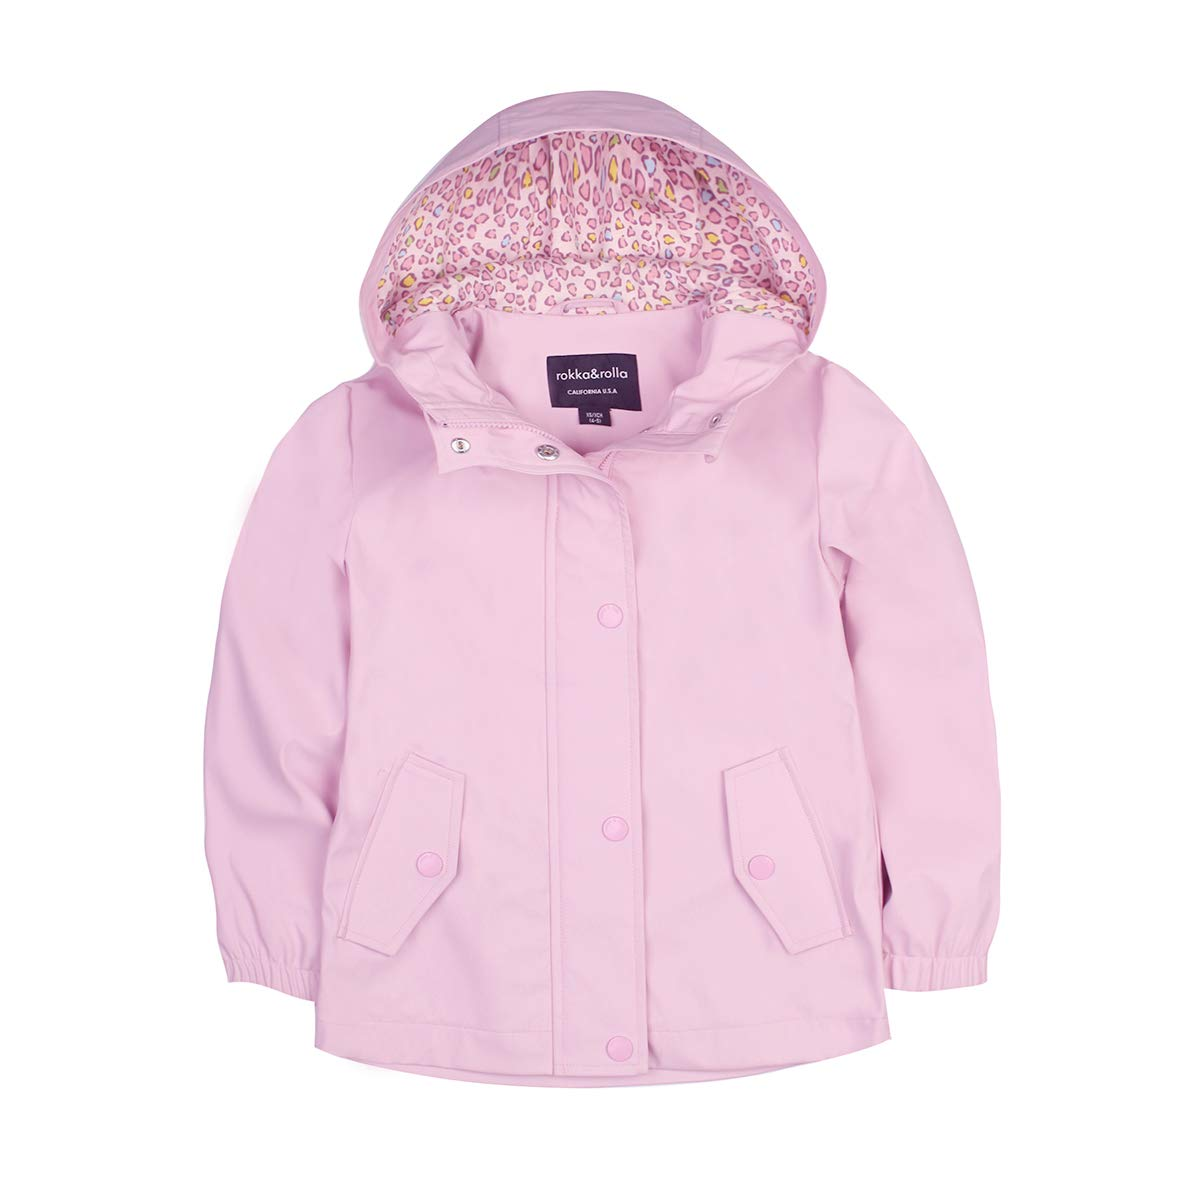 Rokka&Rolla Girls' Lightweight Waterproof Hooded Rubberized Rain Jacket Raincoat Windbreaker Seashell Pink by Rokka&Rolla